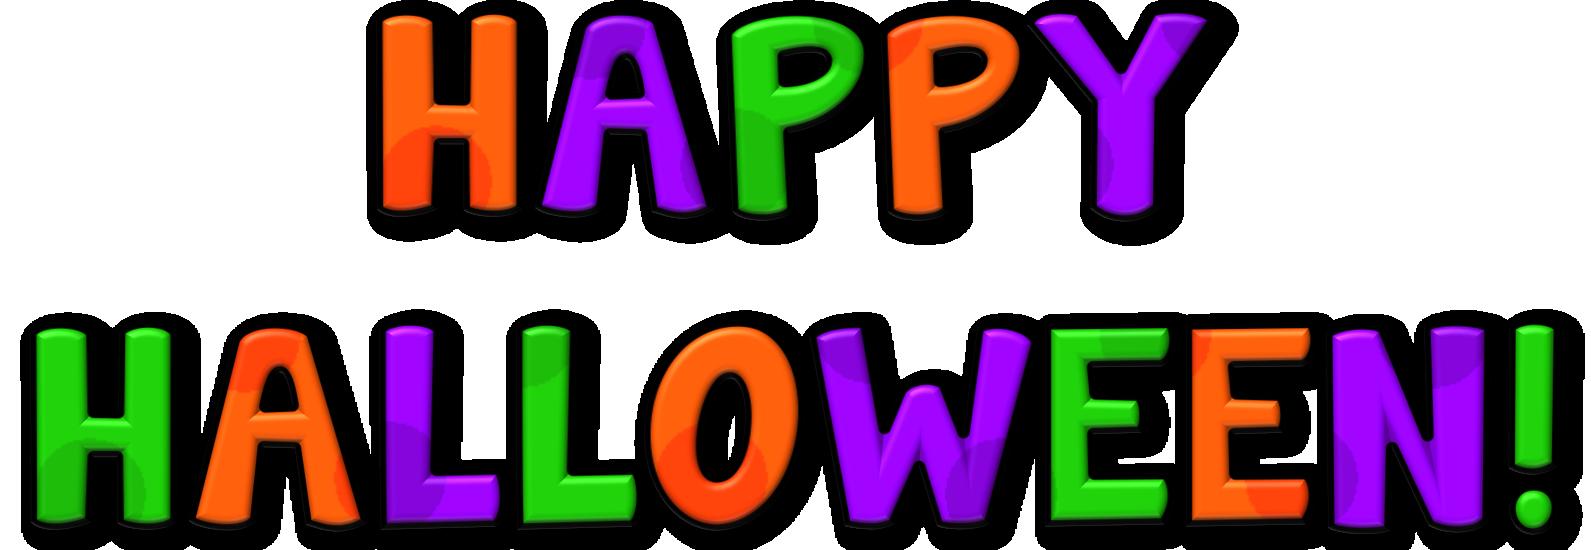 Clipart halloween preschool.  collection of school